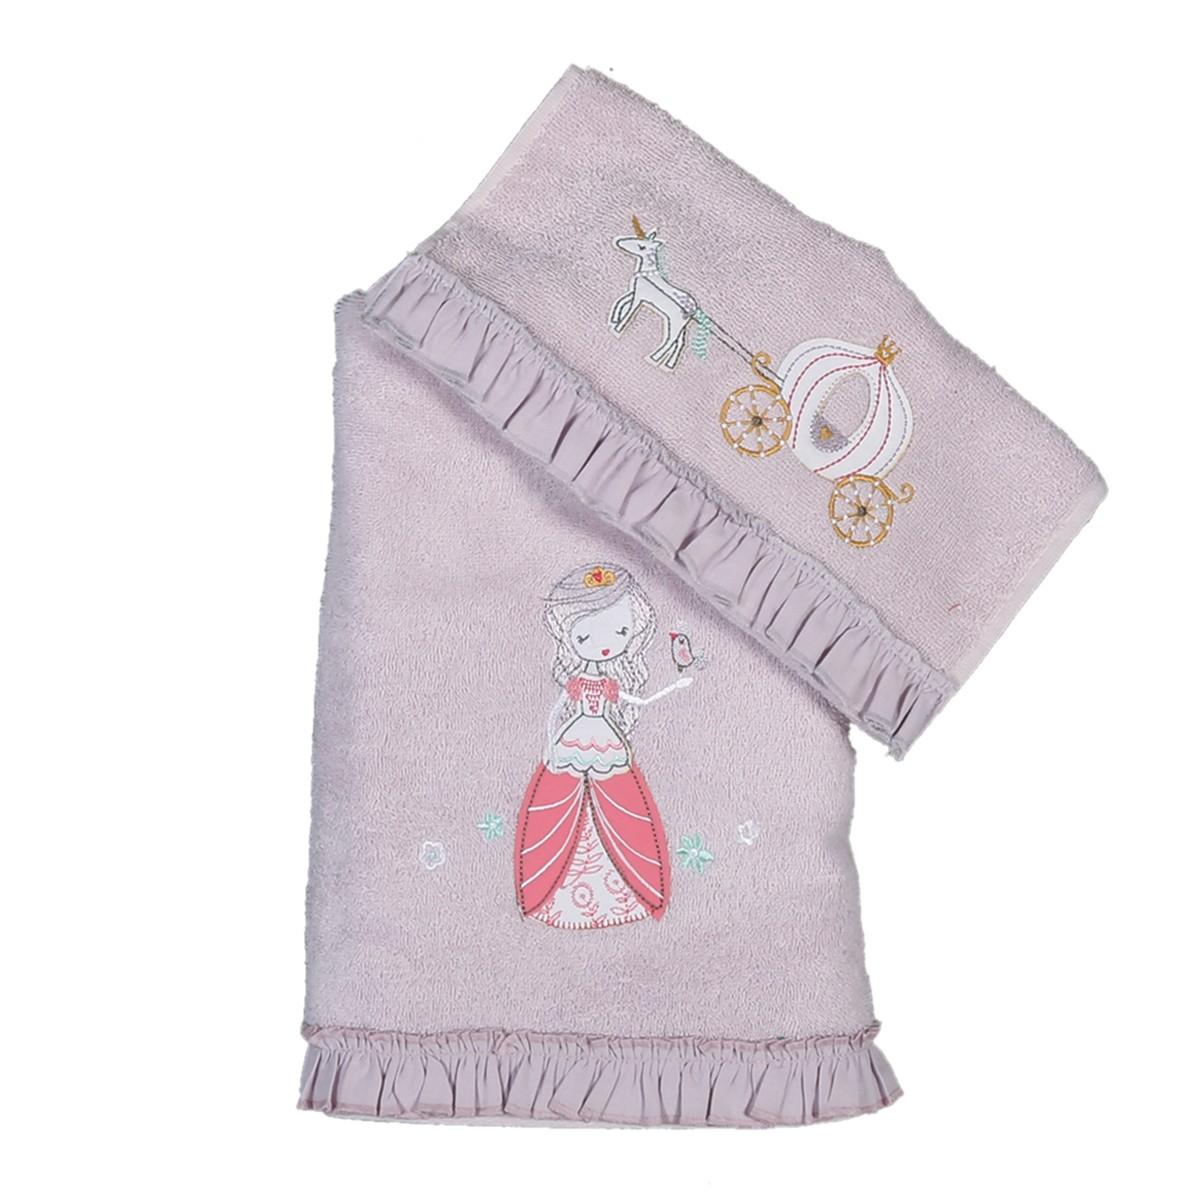 Παιδικές Πετσέτες (Σετ 2τμχ) Nef-Nef Junior Charm Princess 67875